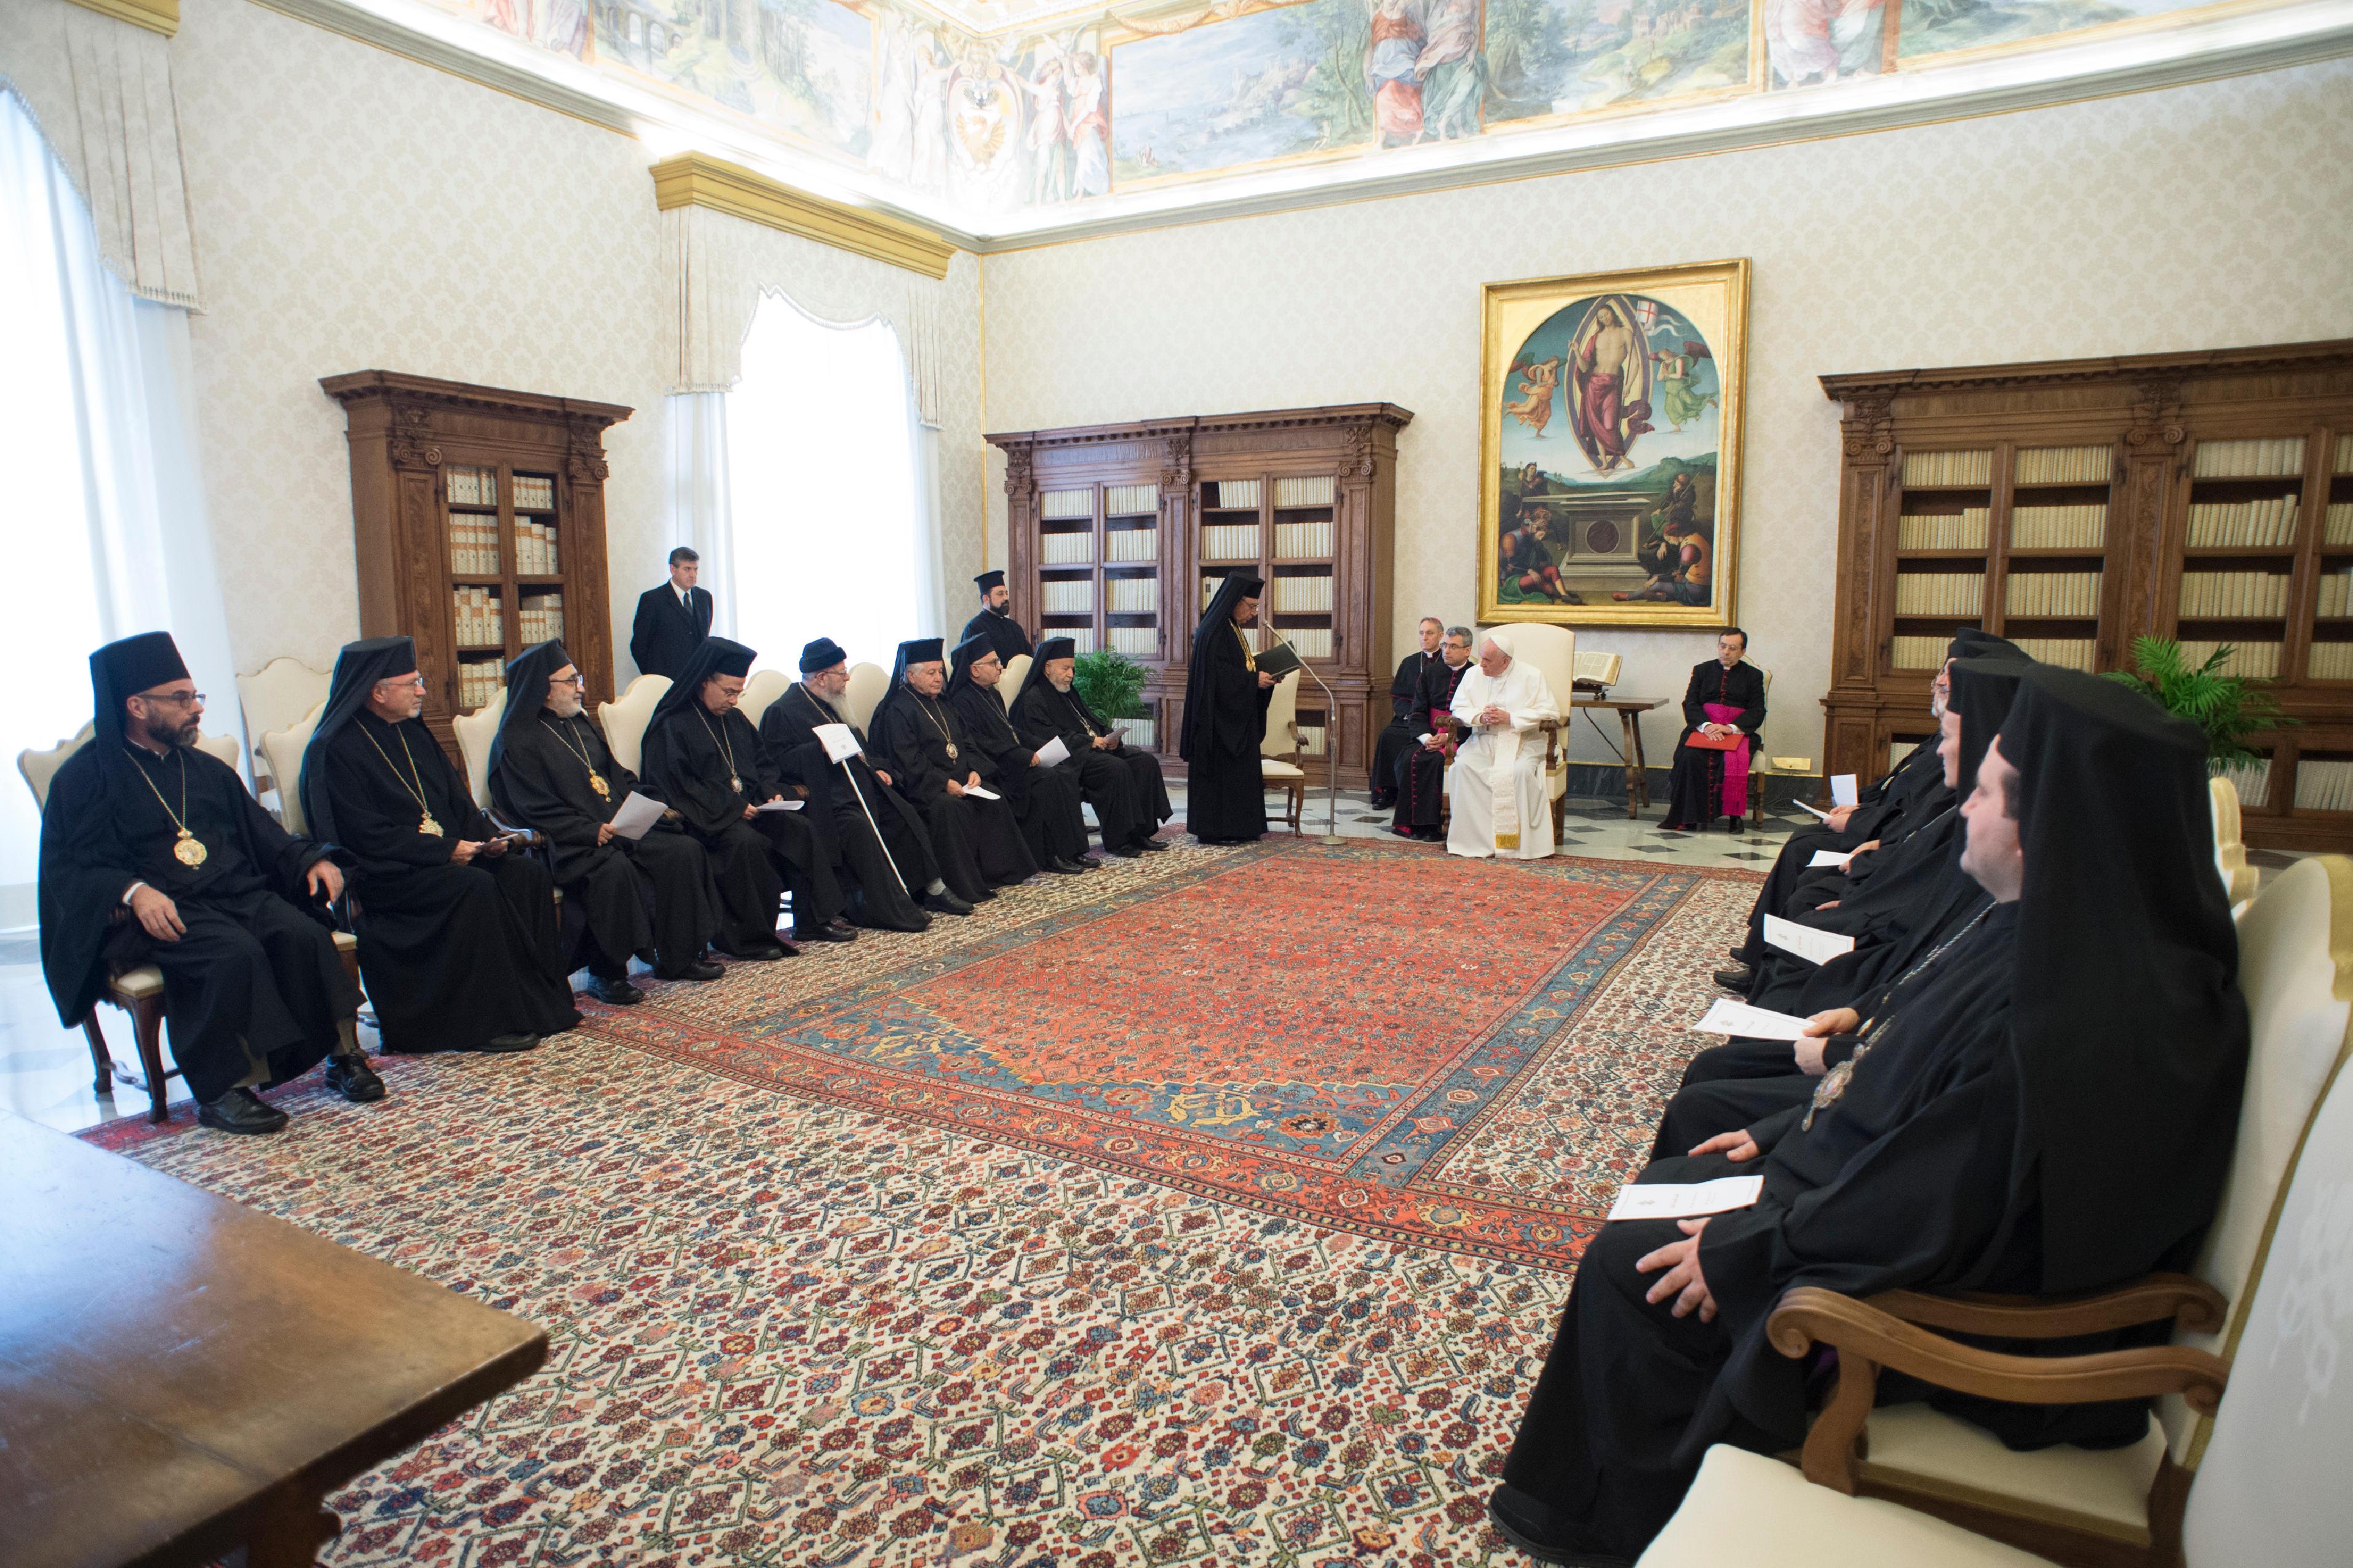 Audiencia del Papa con los miembros del Sínodo Greco-Melquita © Vatican Media